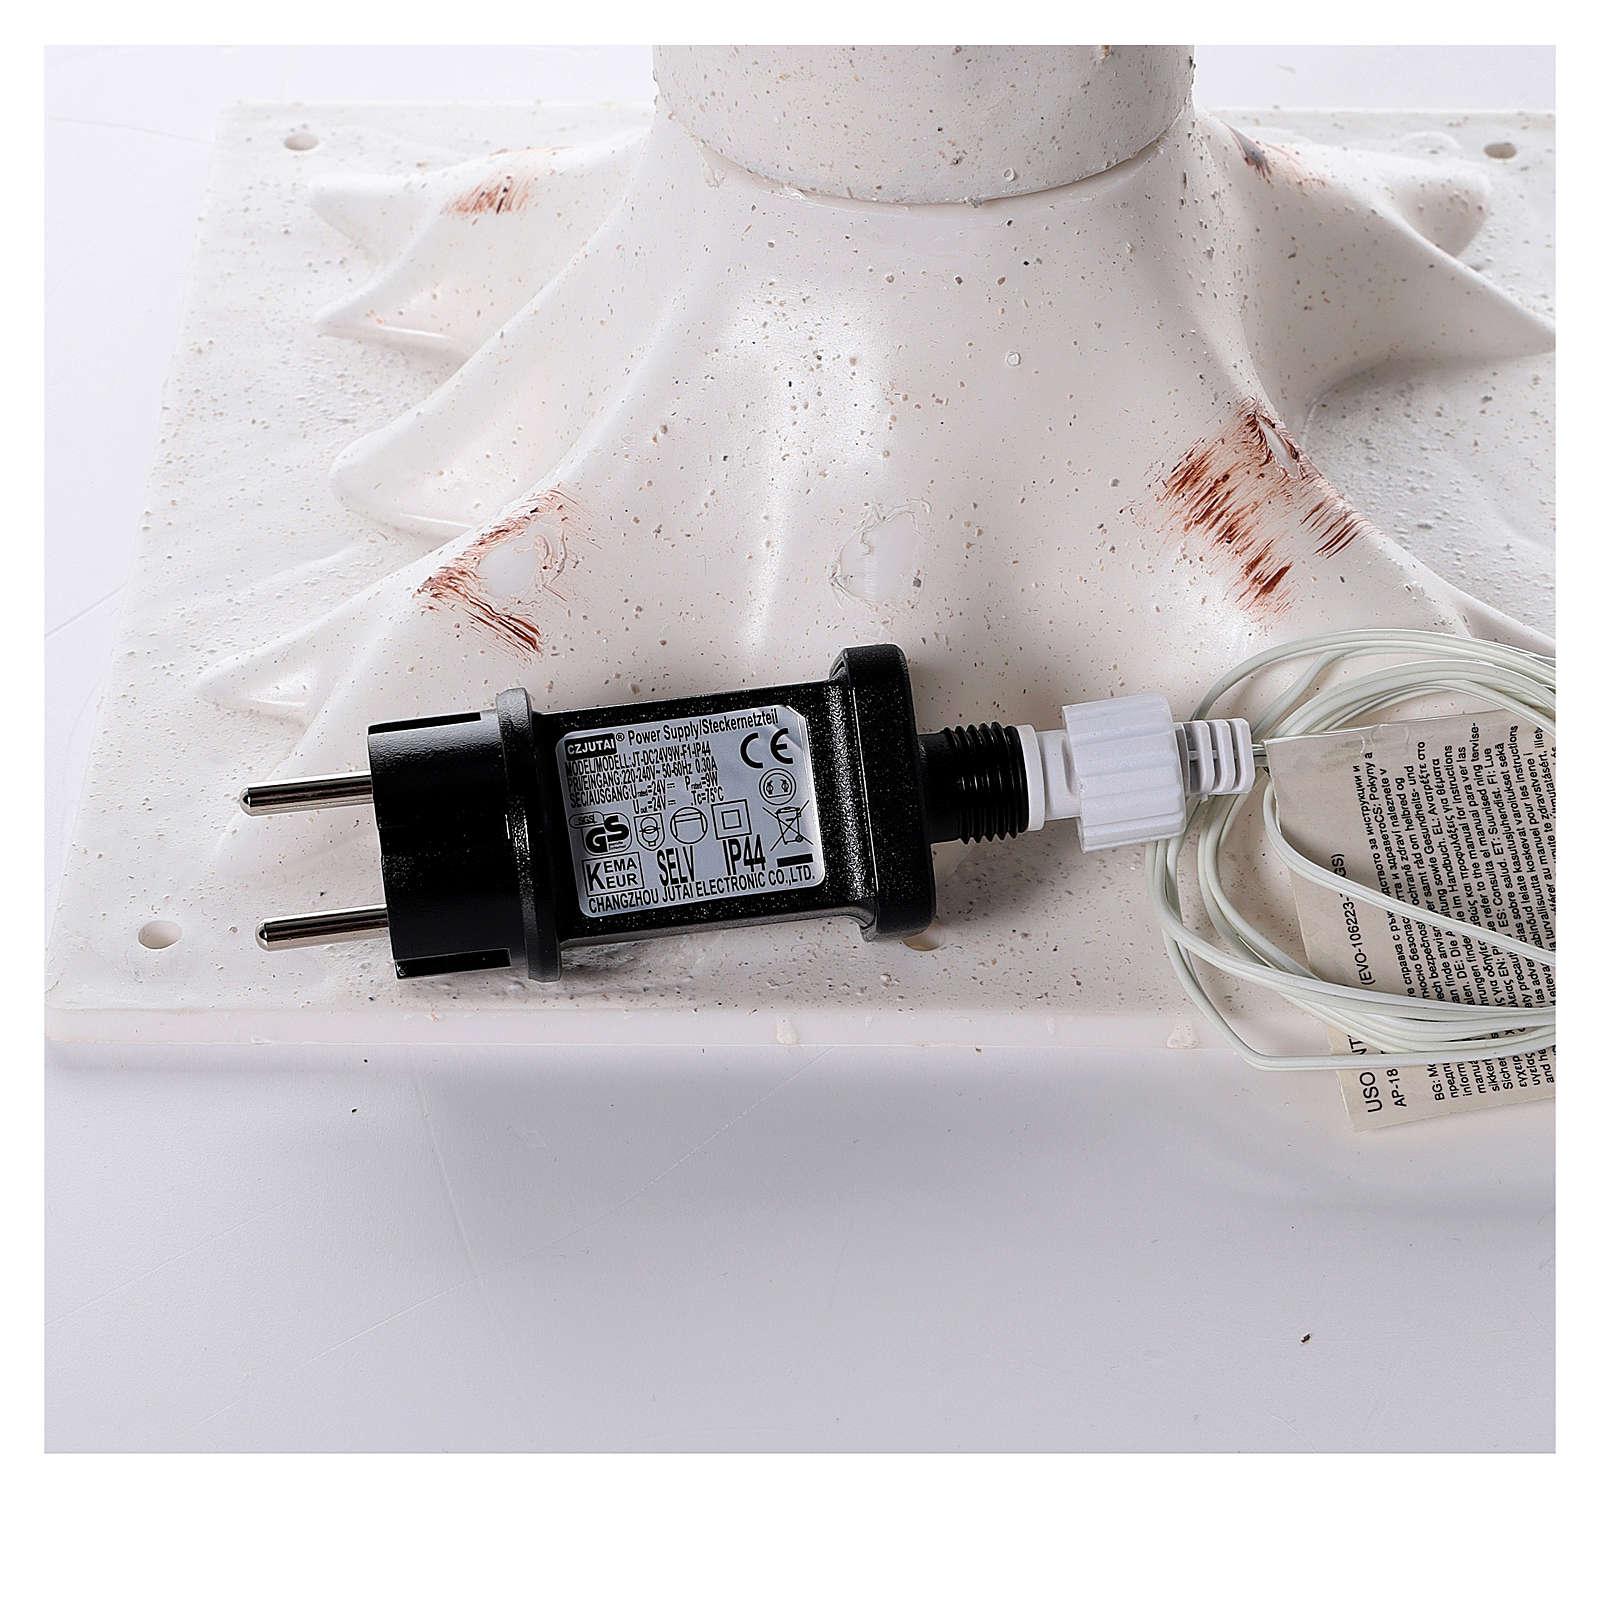 Albero luminoso stilizzato 328 led bianco caldo corrente batteria 3